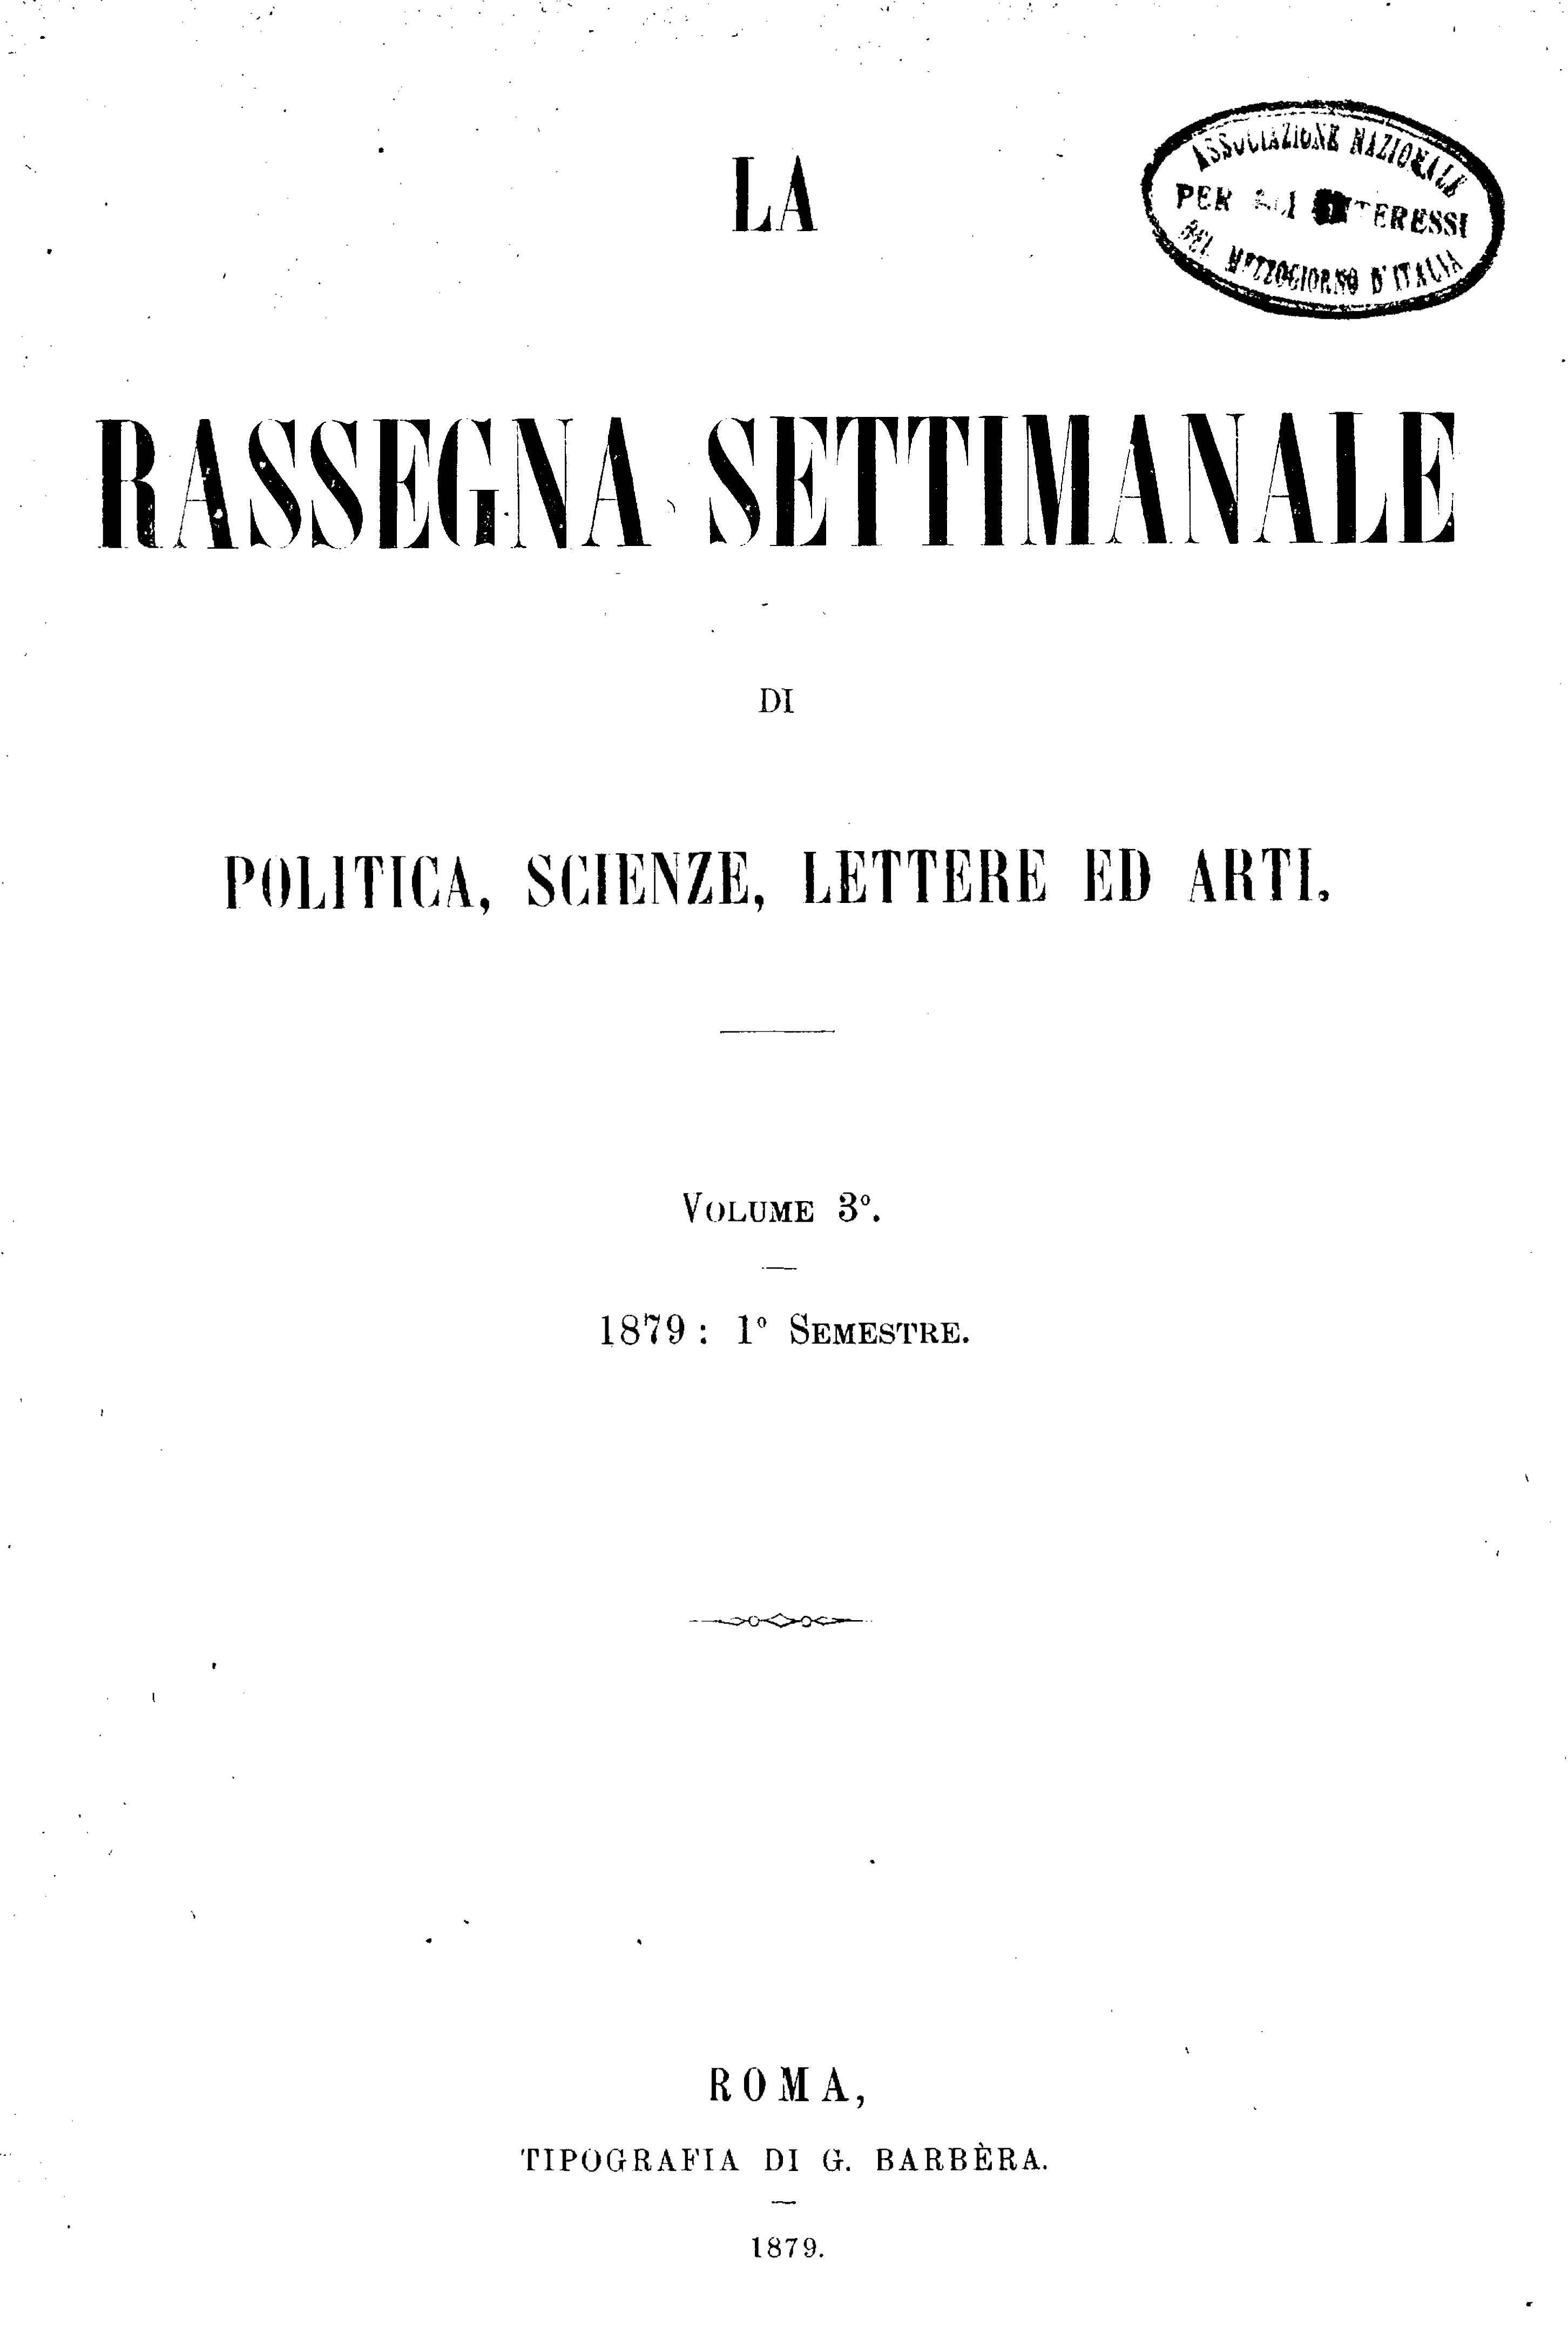 Fascicolo 71 - Volume 3 - 1879 - Semestre 1 - Trimestre 1